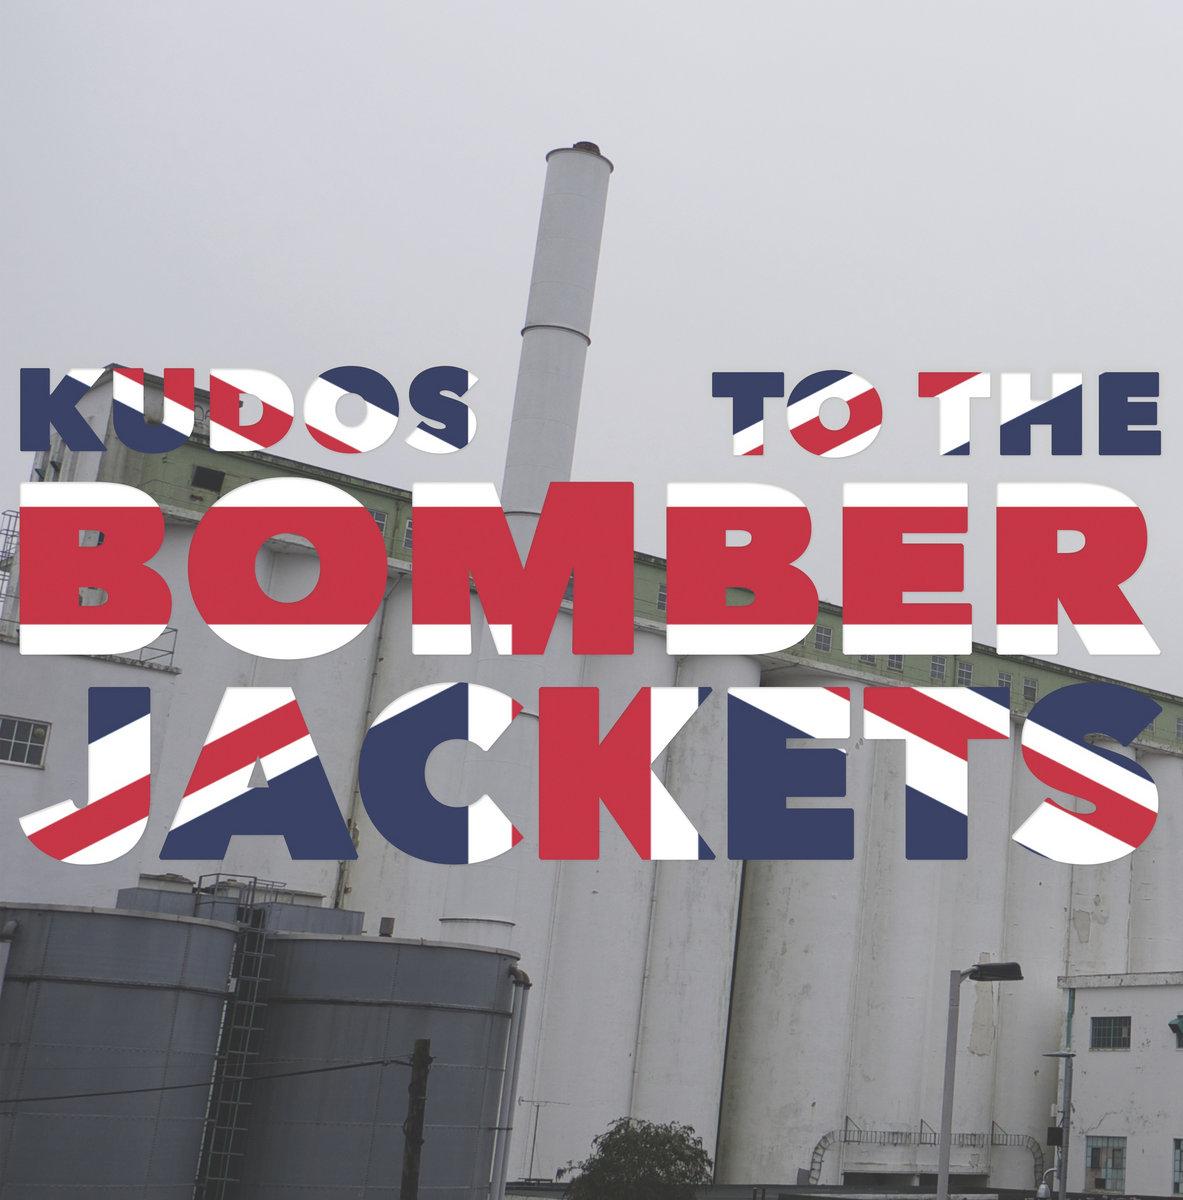 The Bomber Jackets